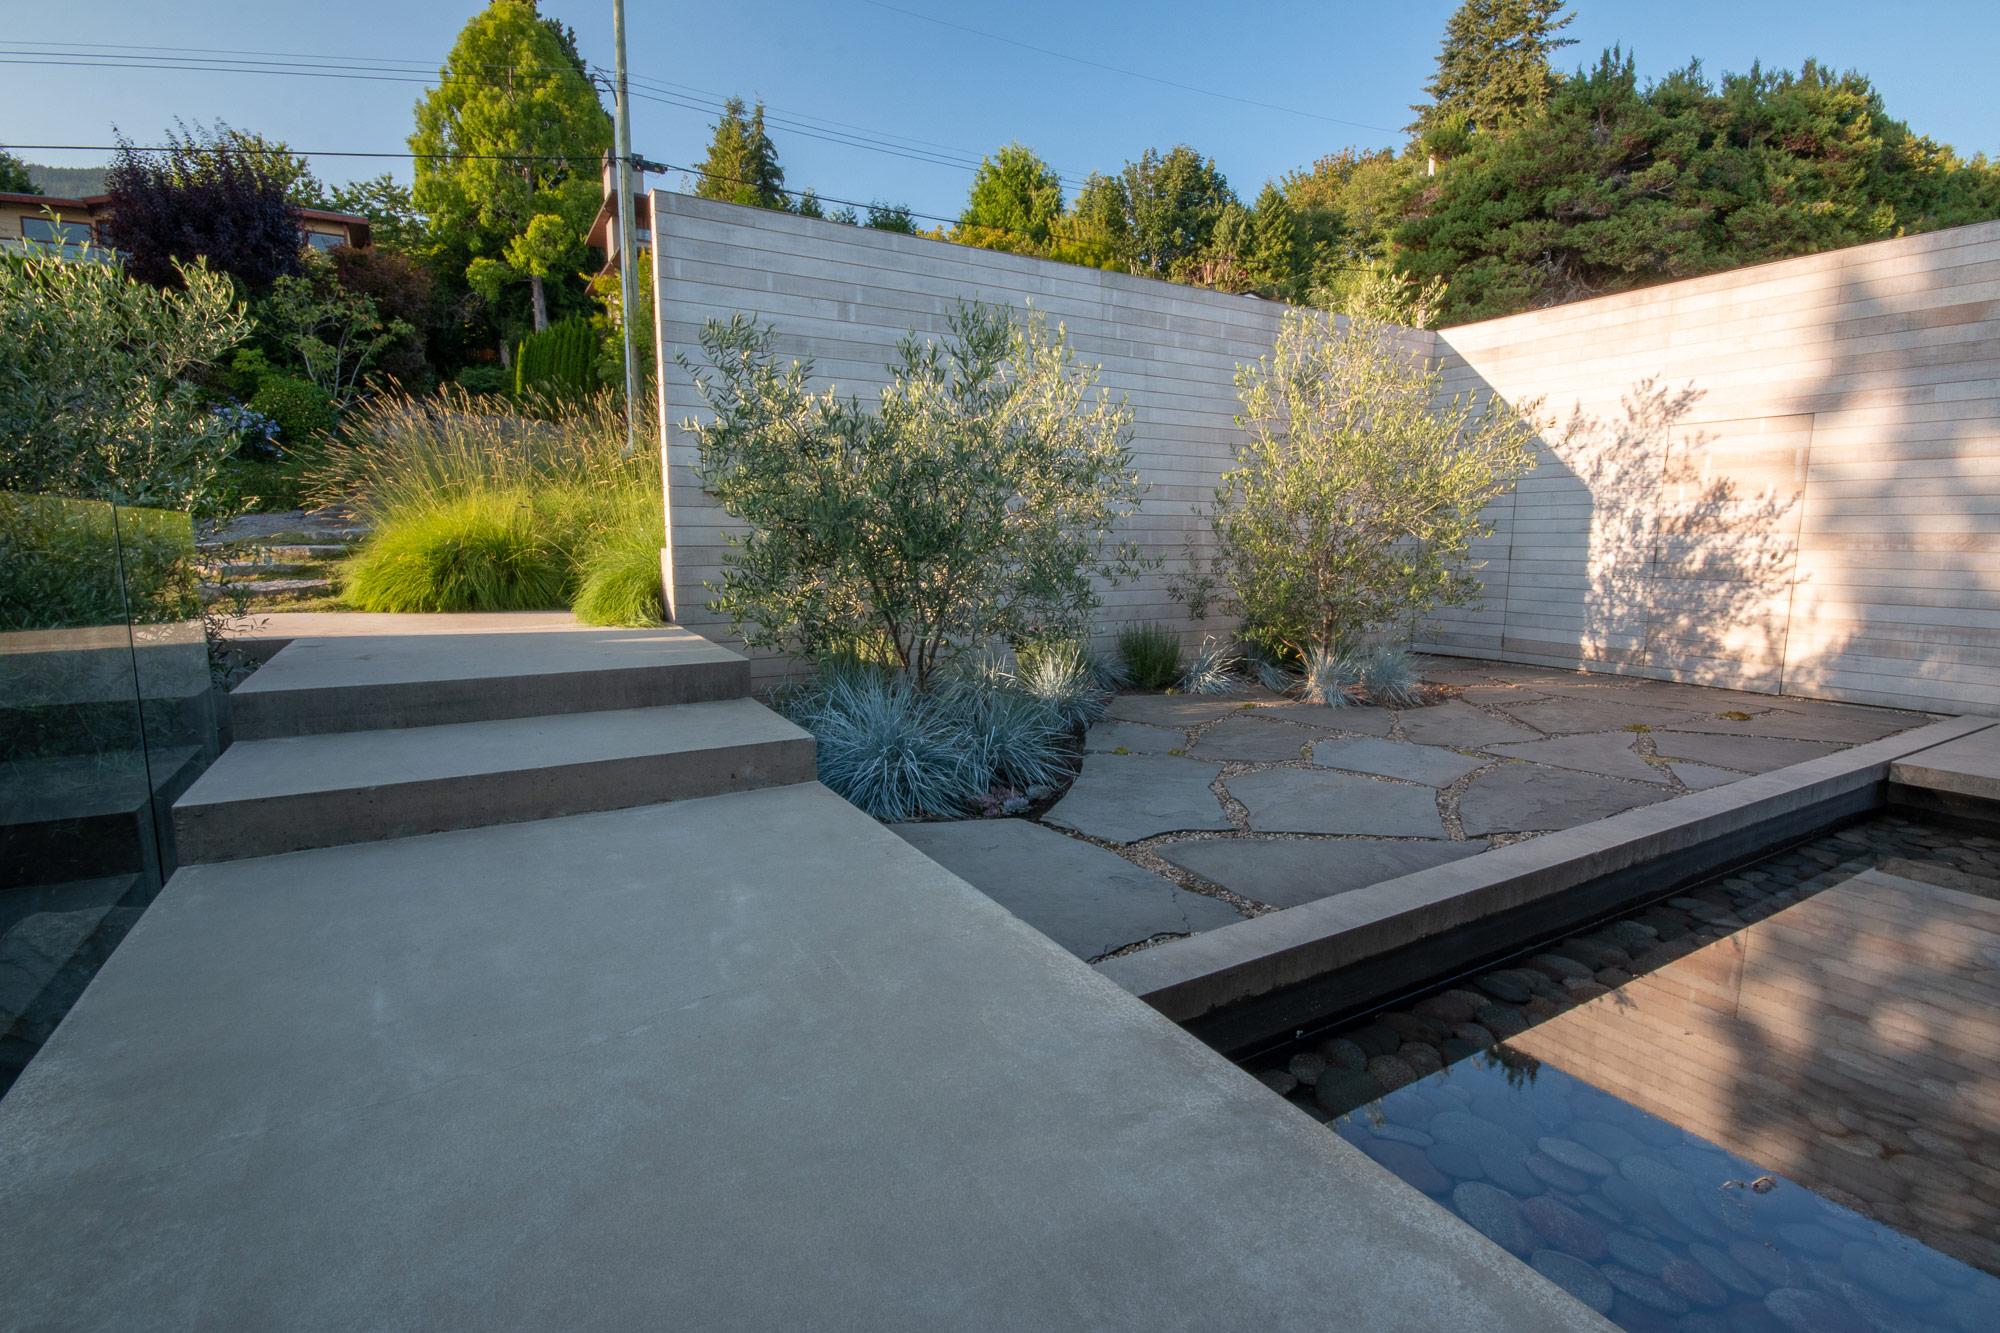 Hollyburn - Botanica Design